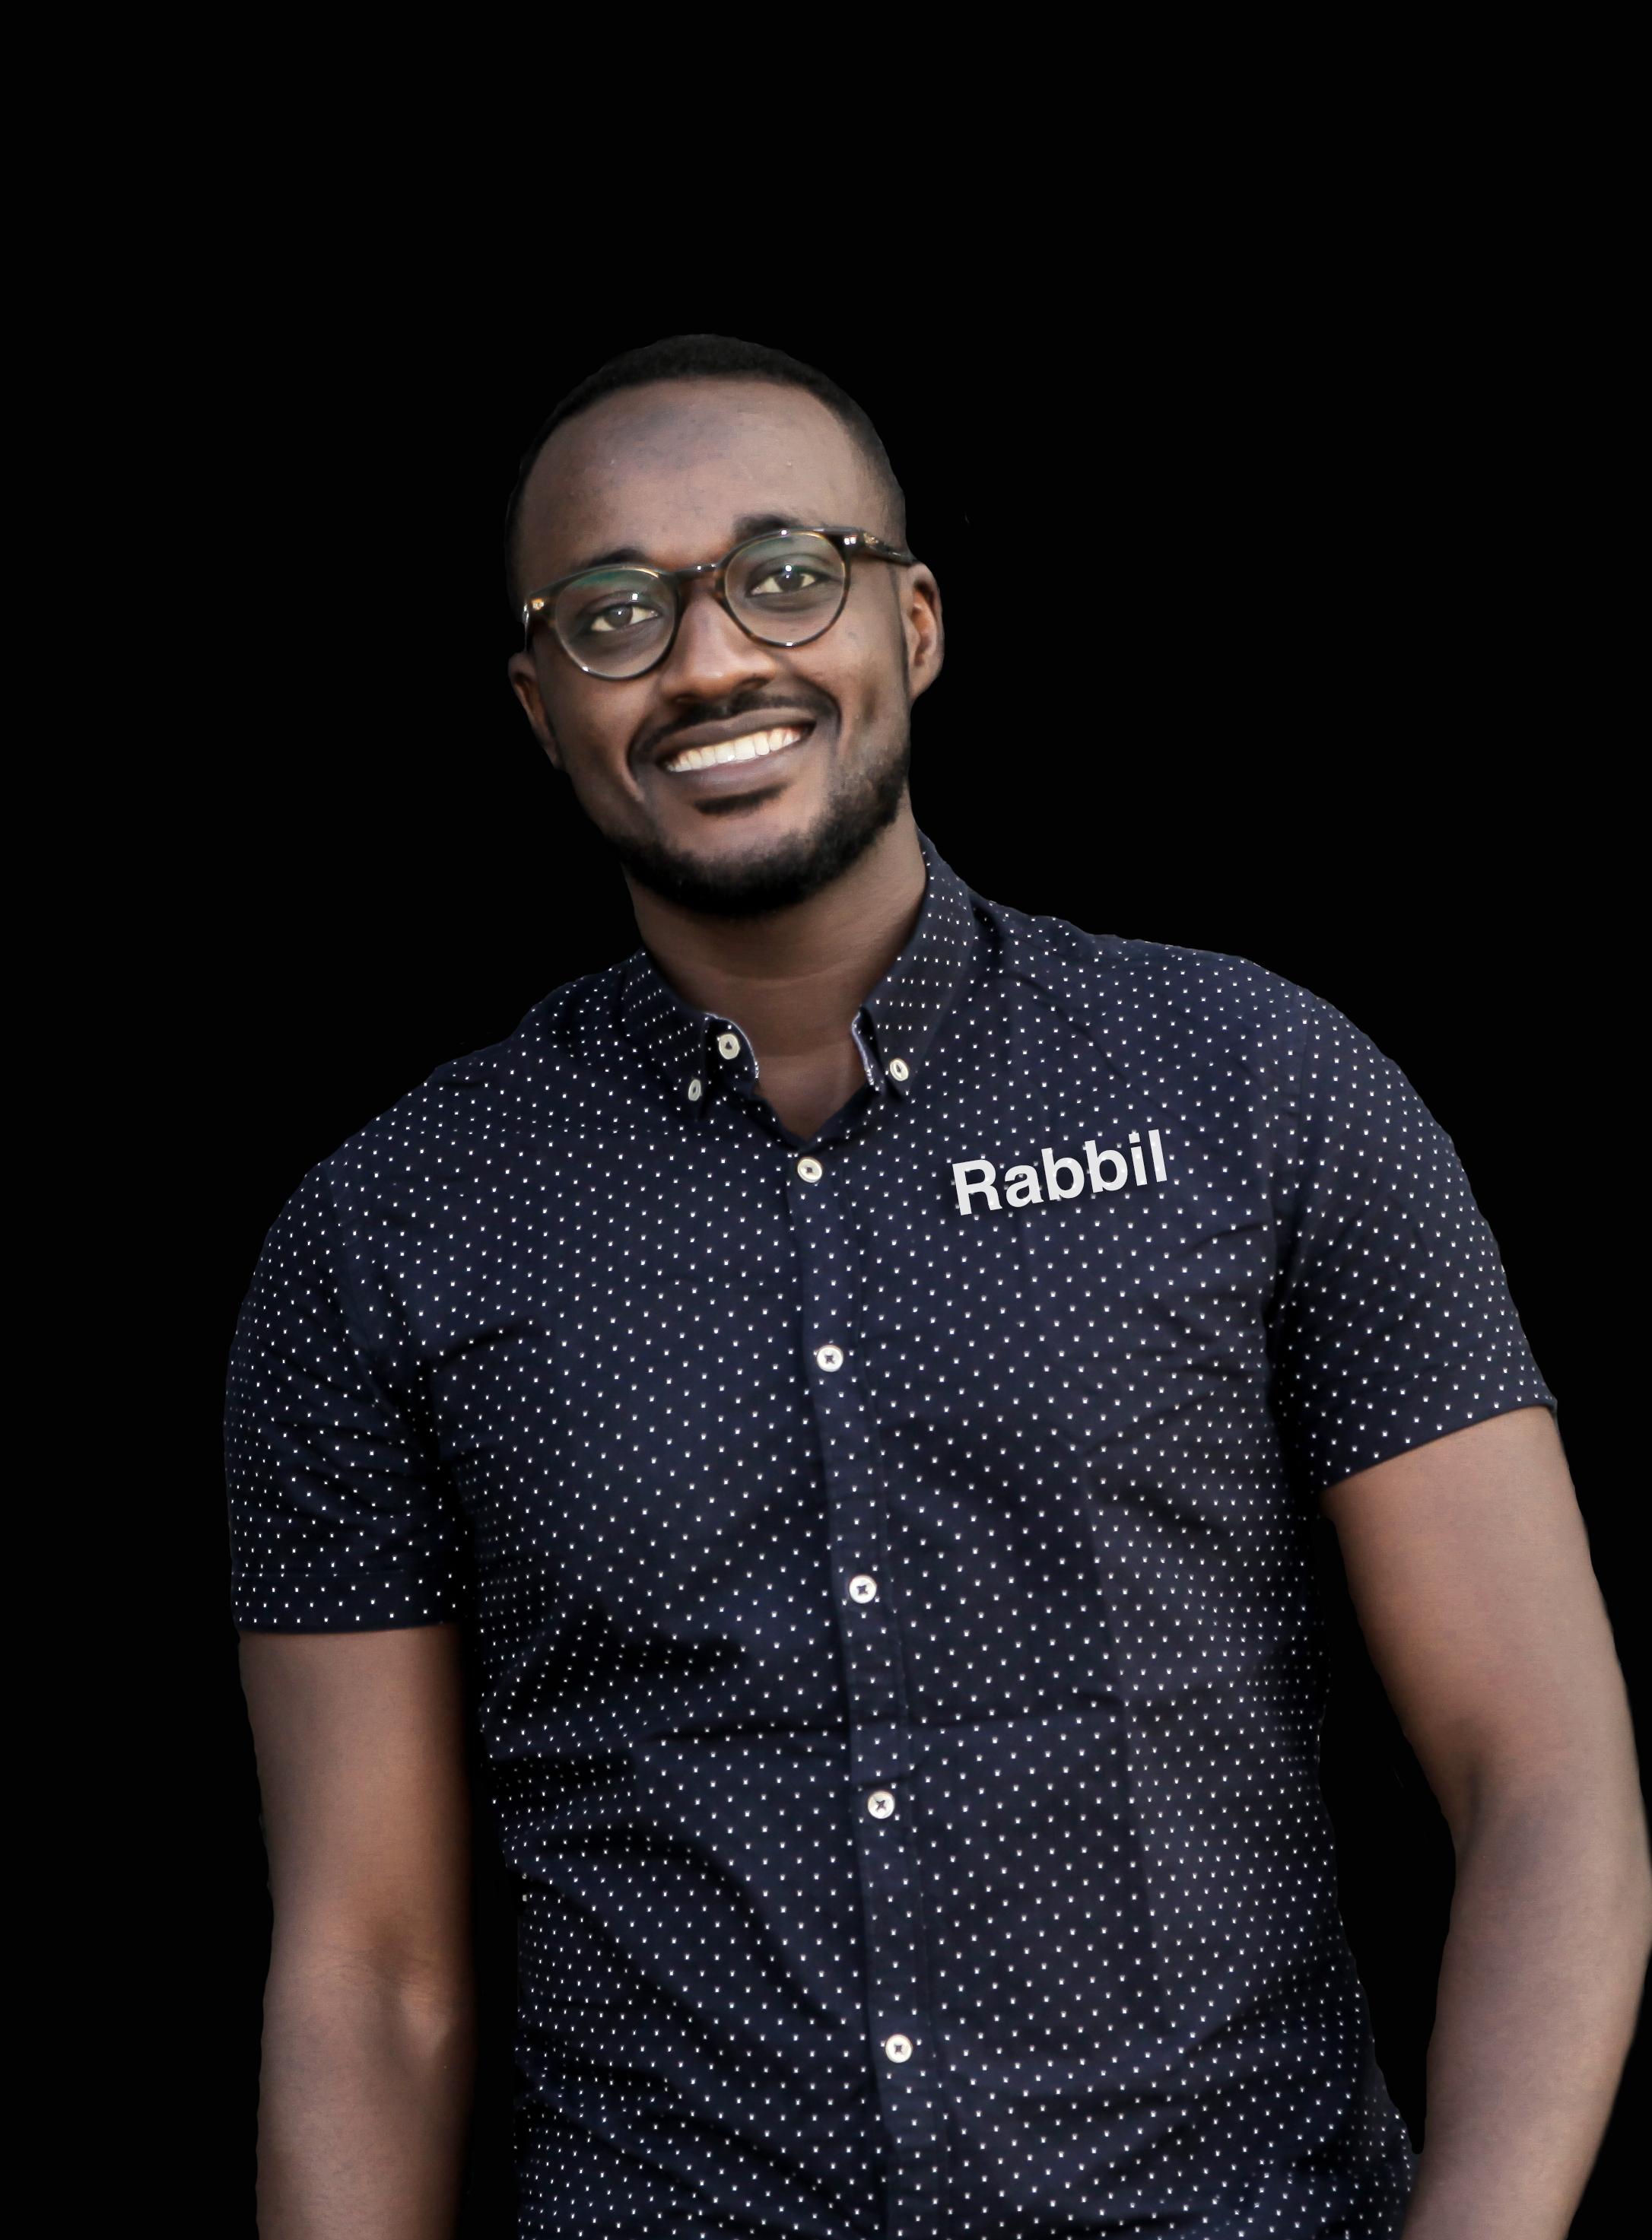 rabbil